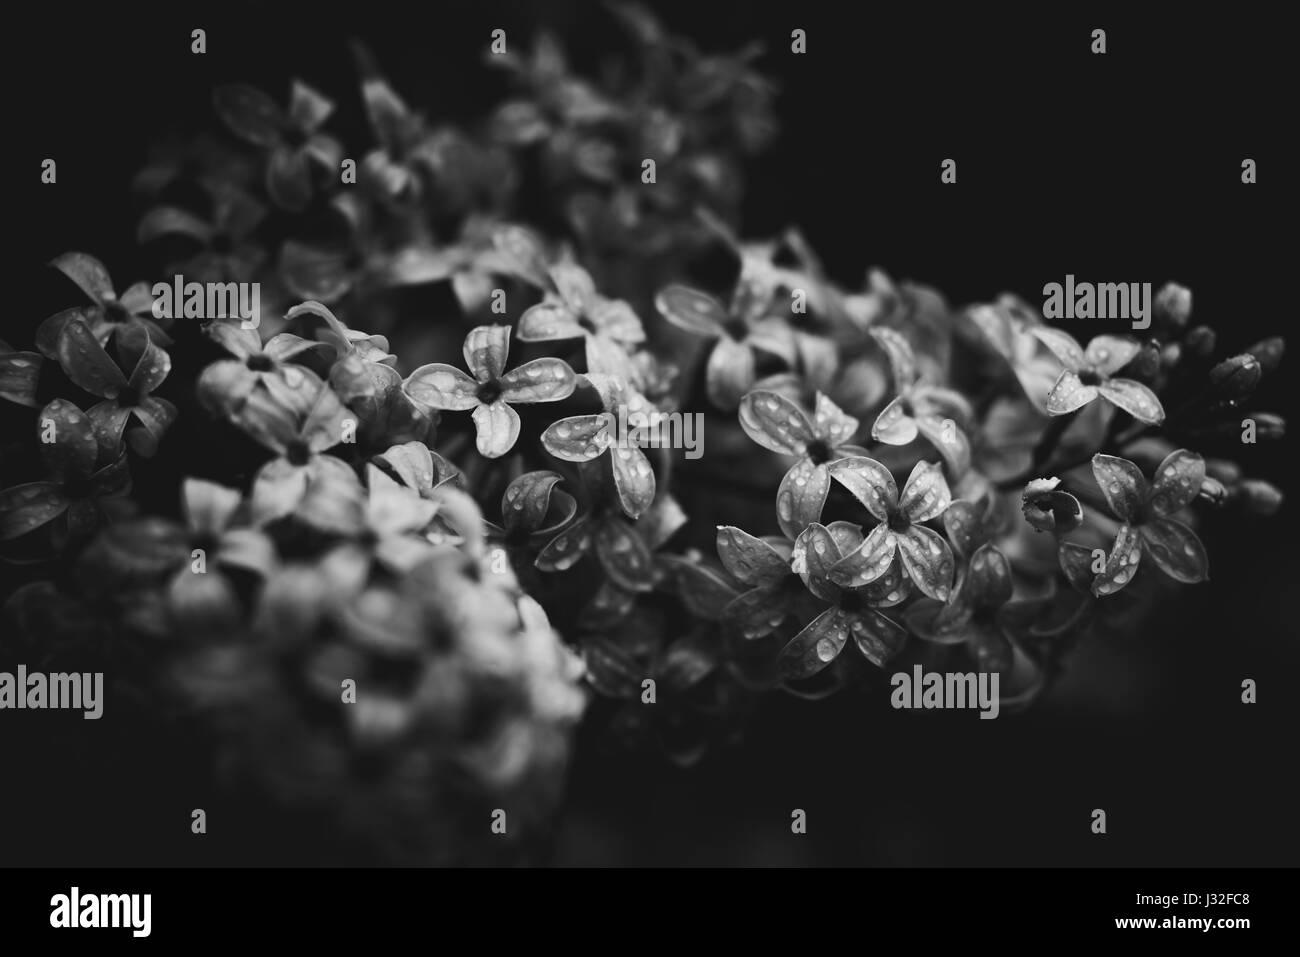 Schwarz Weiss Bild Von Fruhlingsblumen In Einem Garten Nach Dem